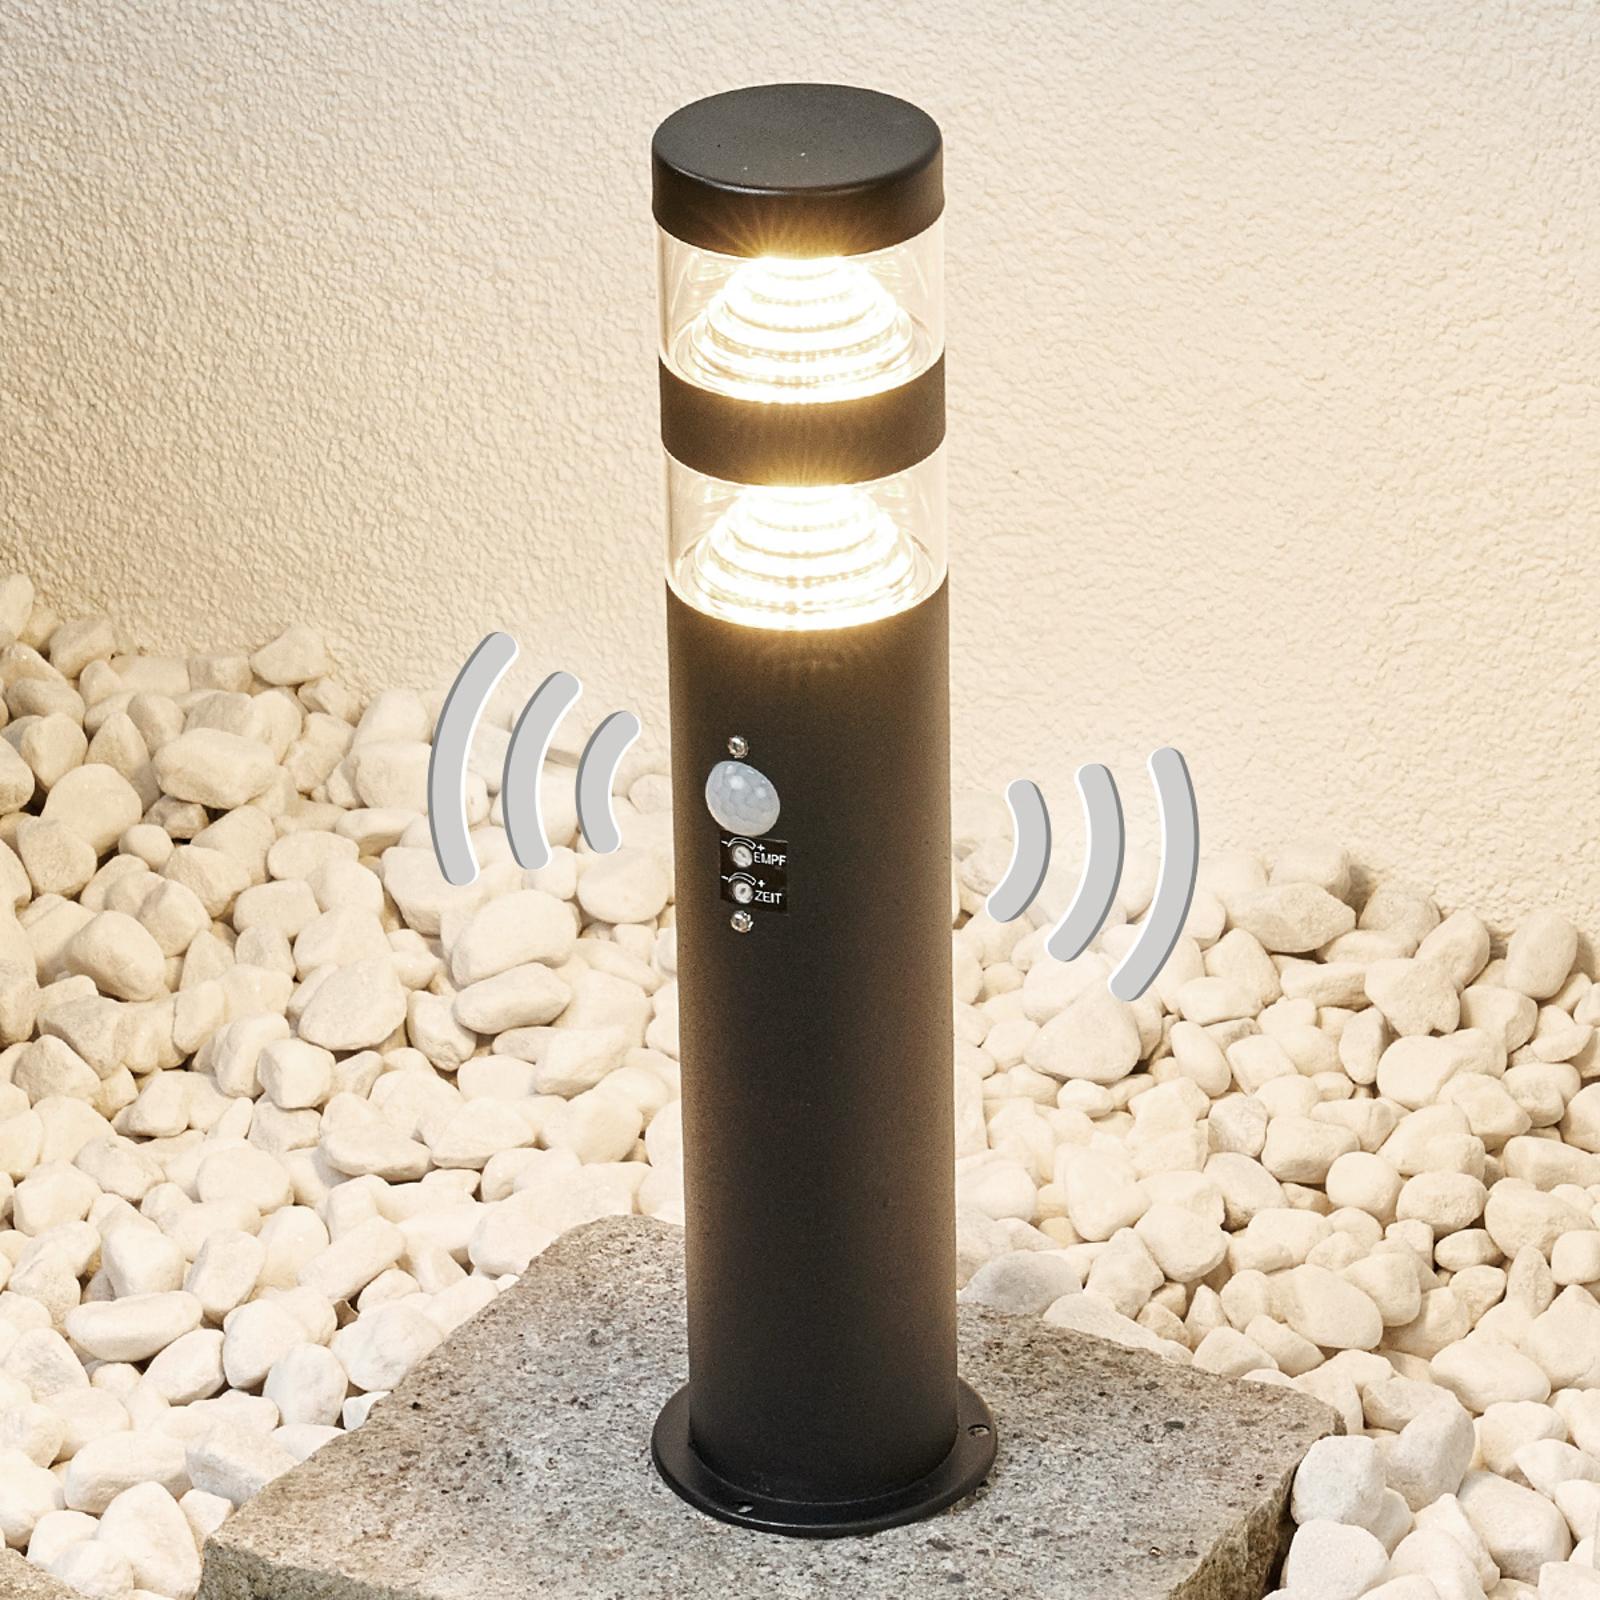 LED-pollarivalaisin Lanea, ruostumaton, tunnistin